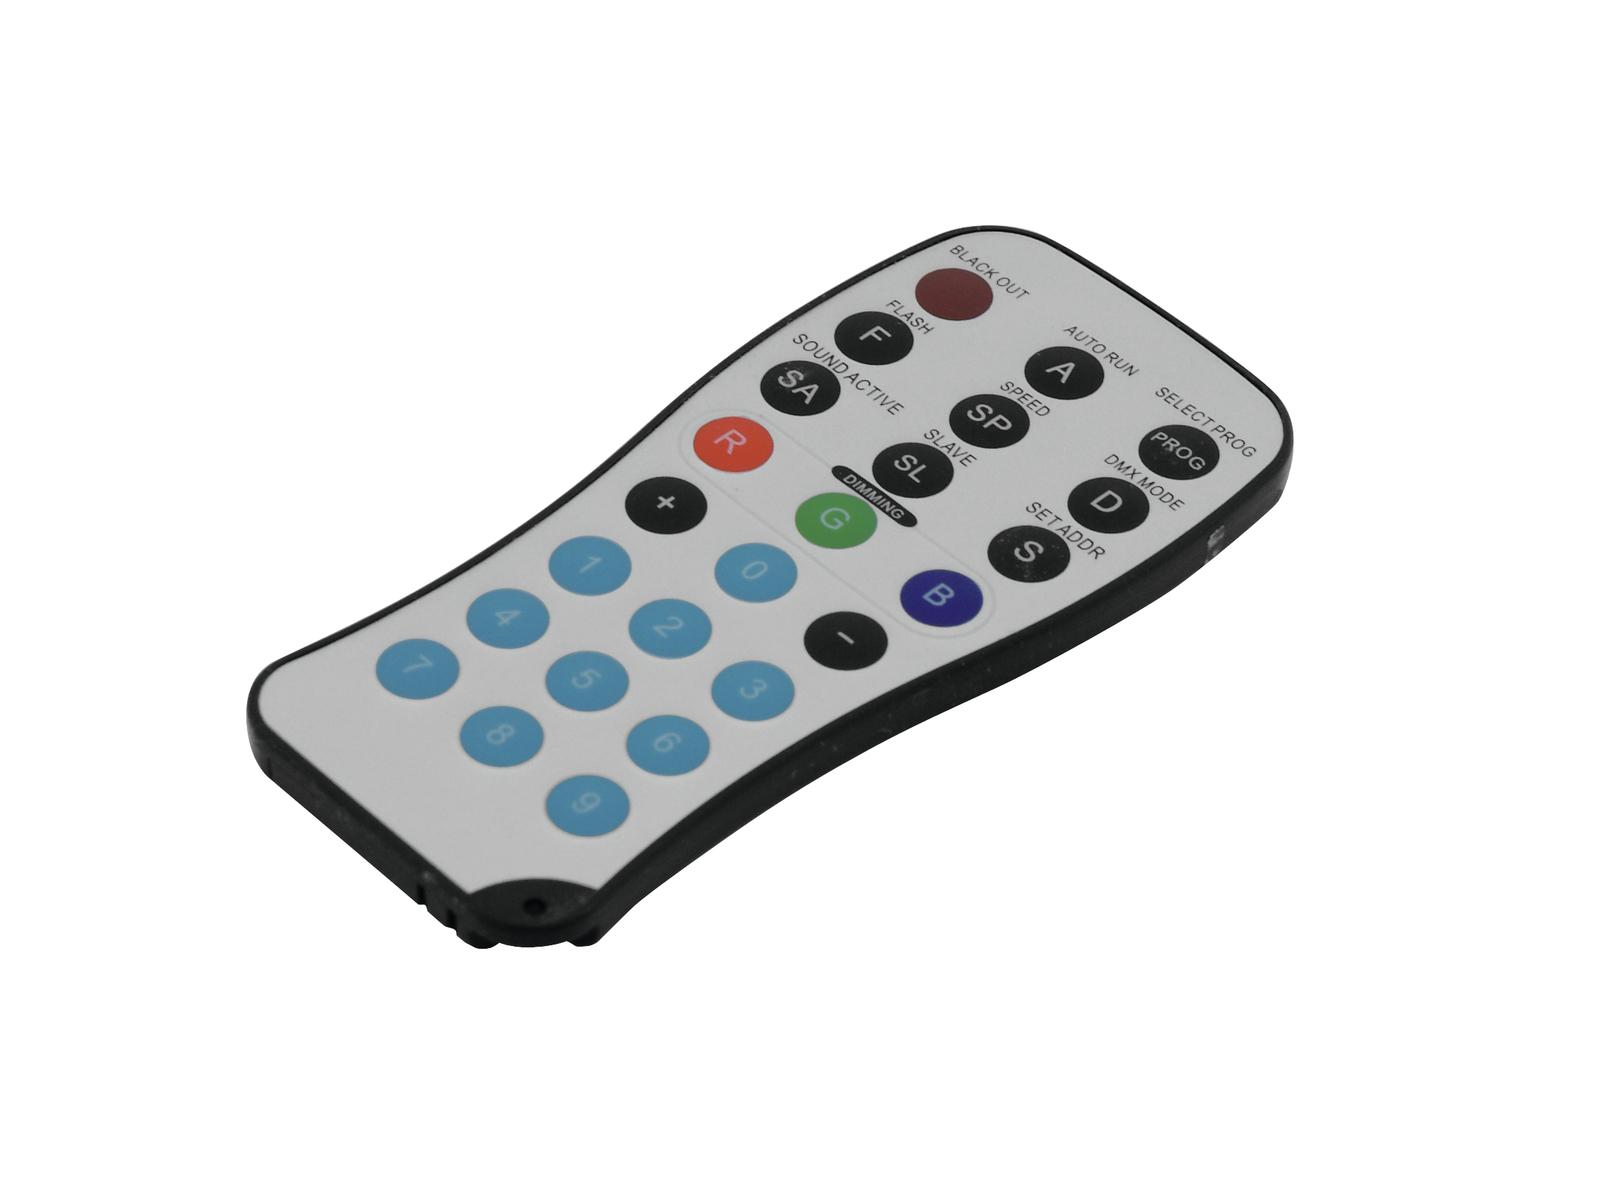 EUROLITE IR remoto per i dispositivi a LED